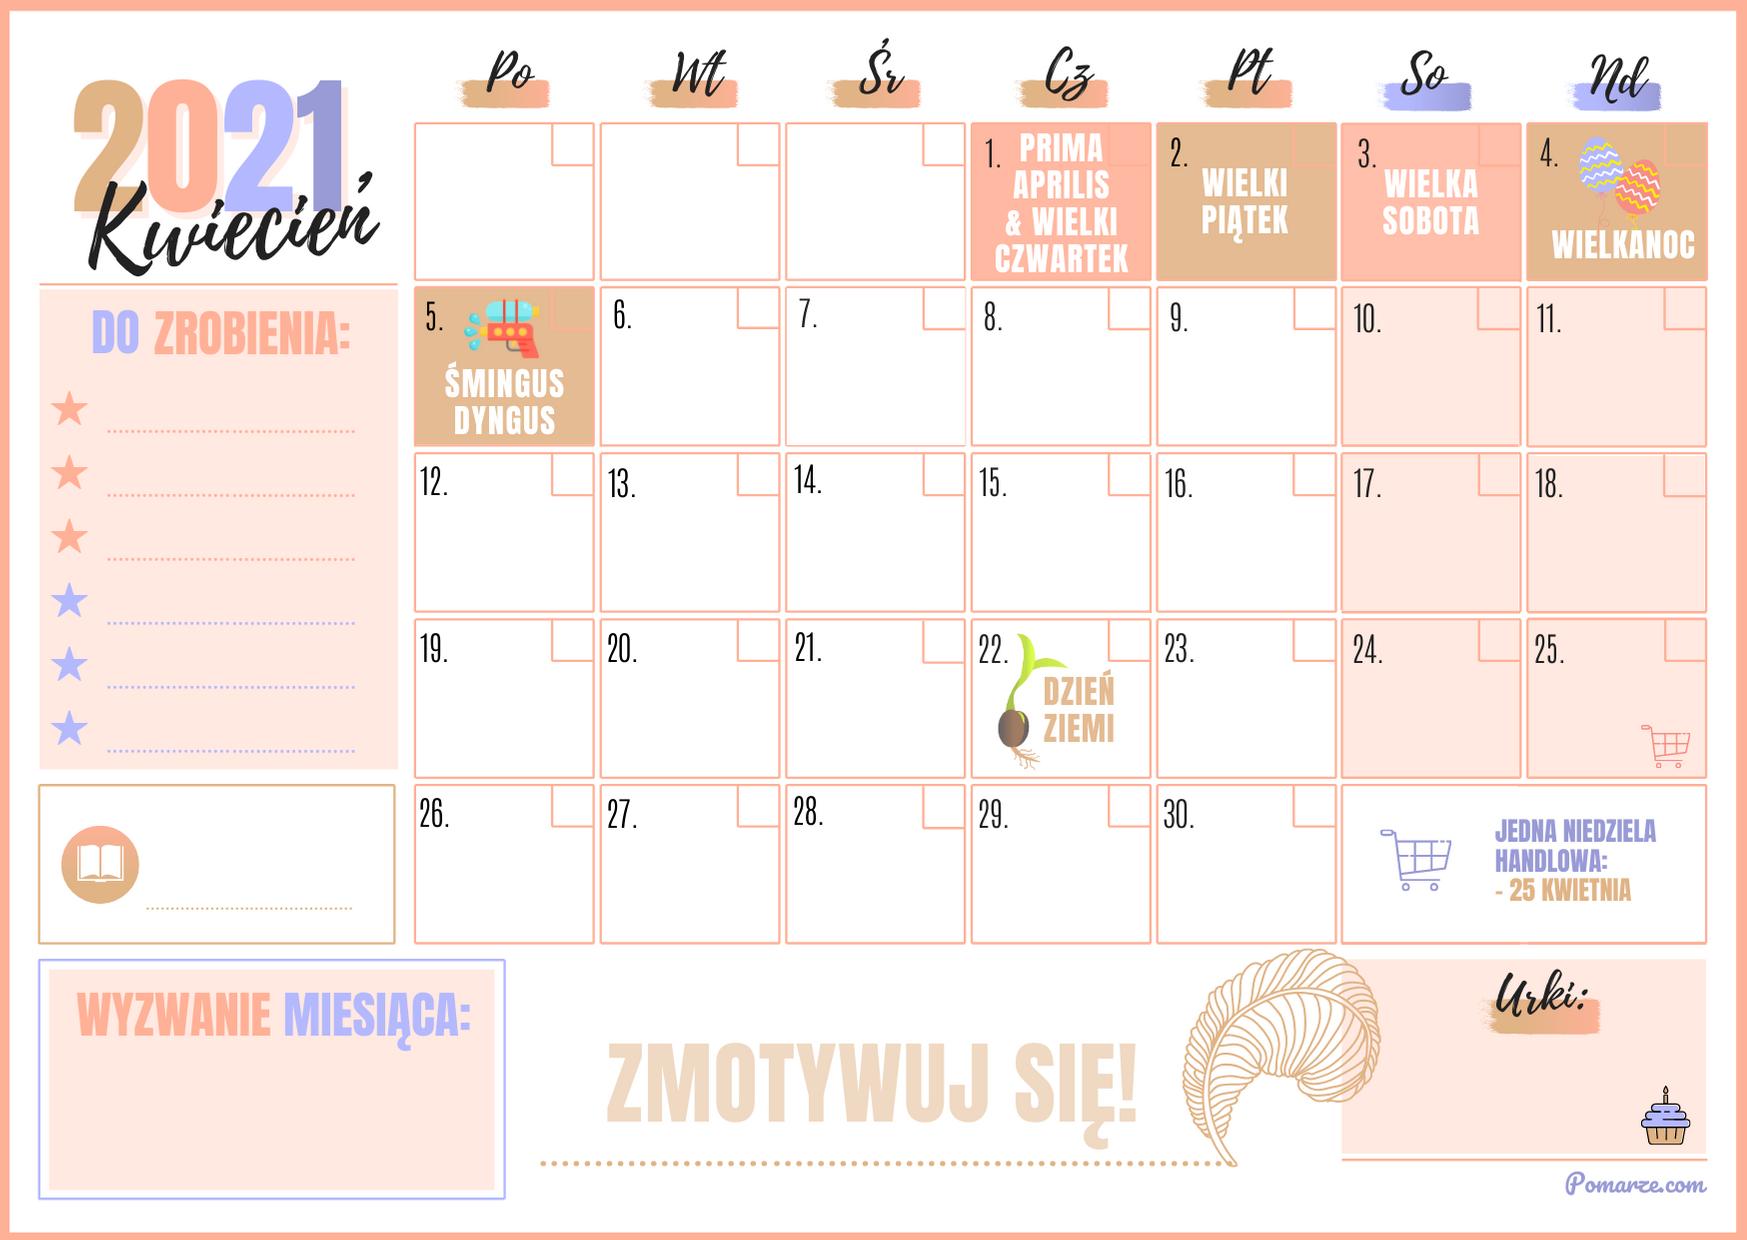 Kalendarz miesieczny planer Kwiecień 2021 różowy niebieski notatki